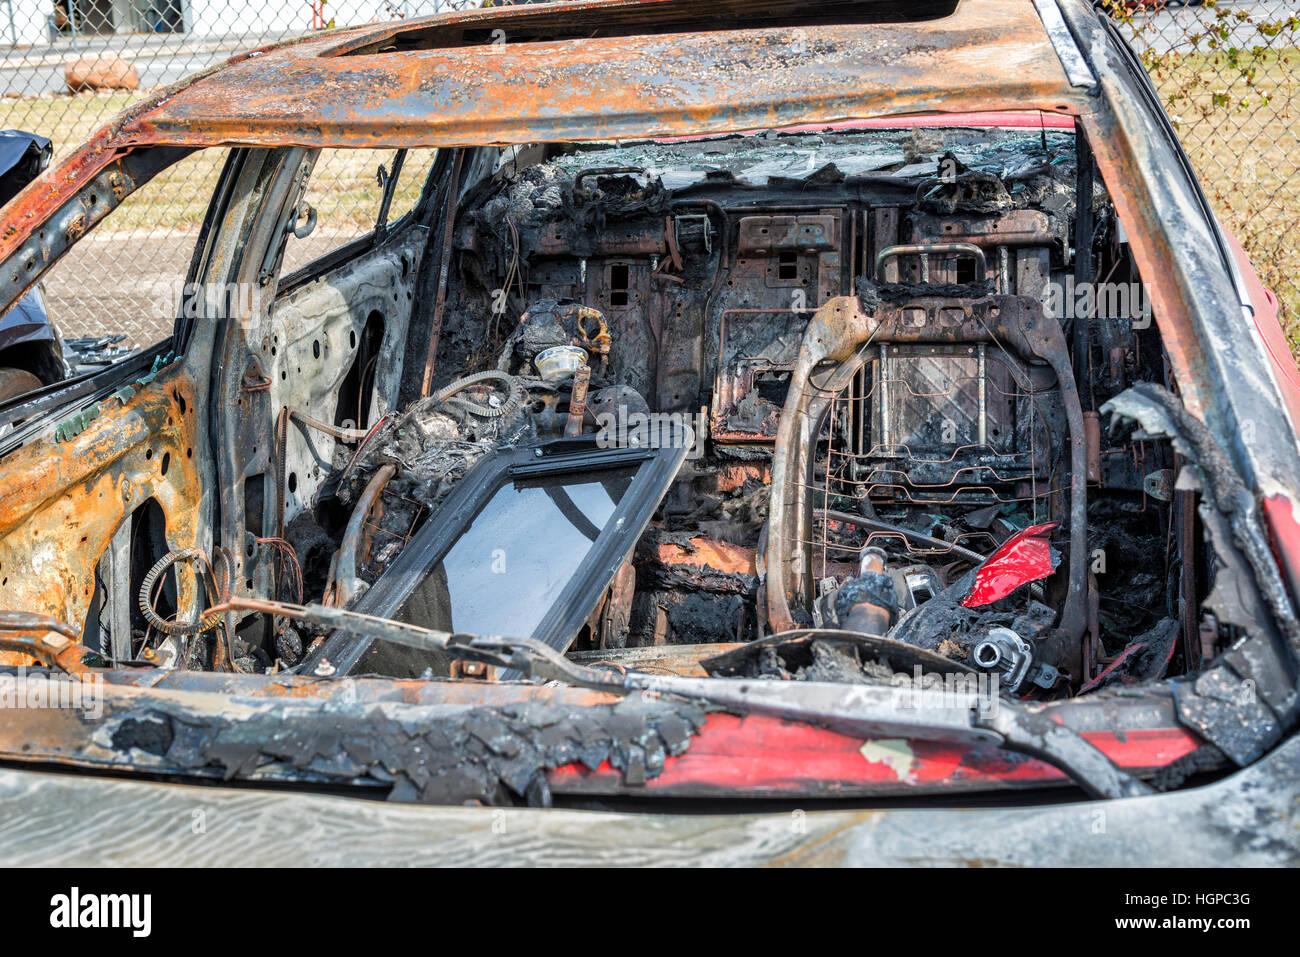 L'intérieur d'une voiture carbonisée qui a été totalement détruit par un incendie Photo Stock